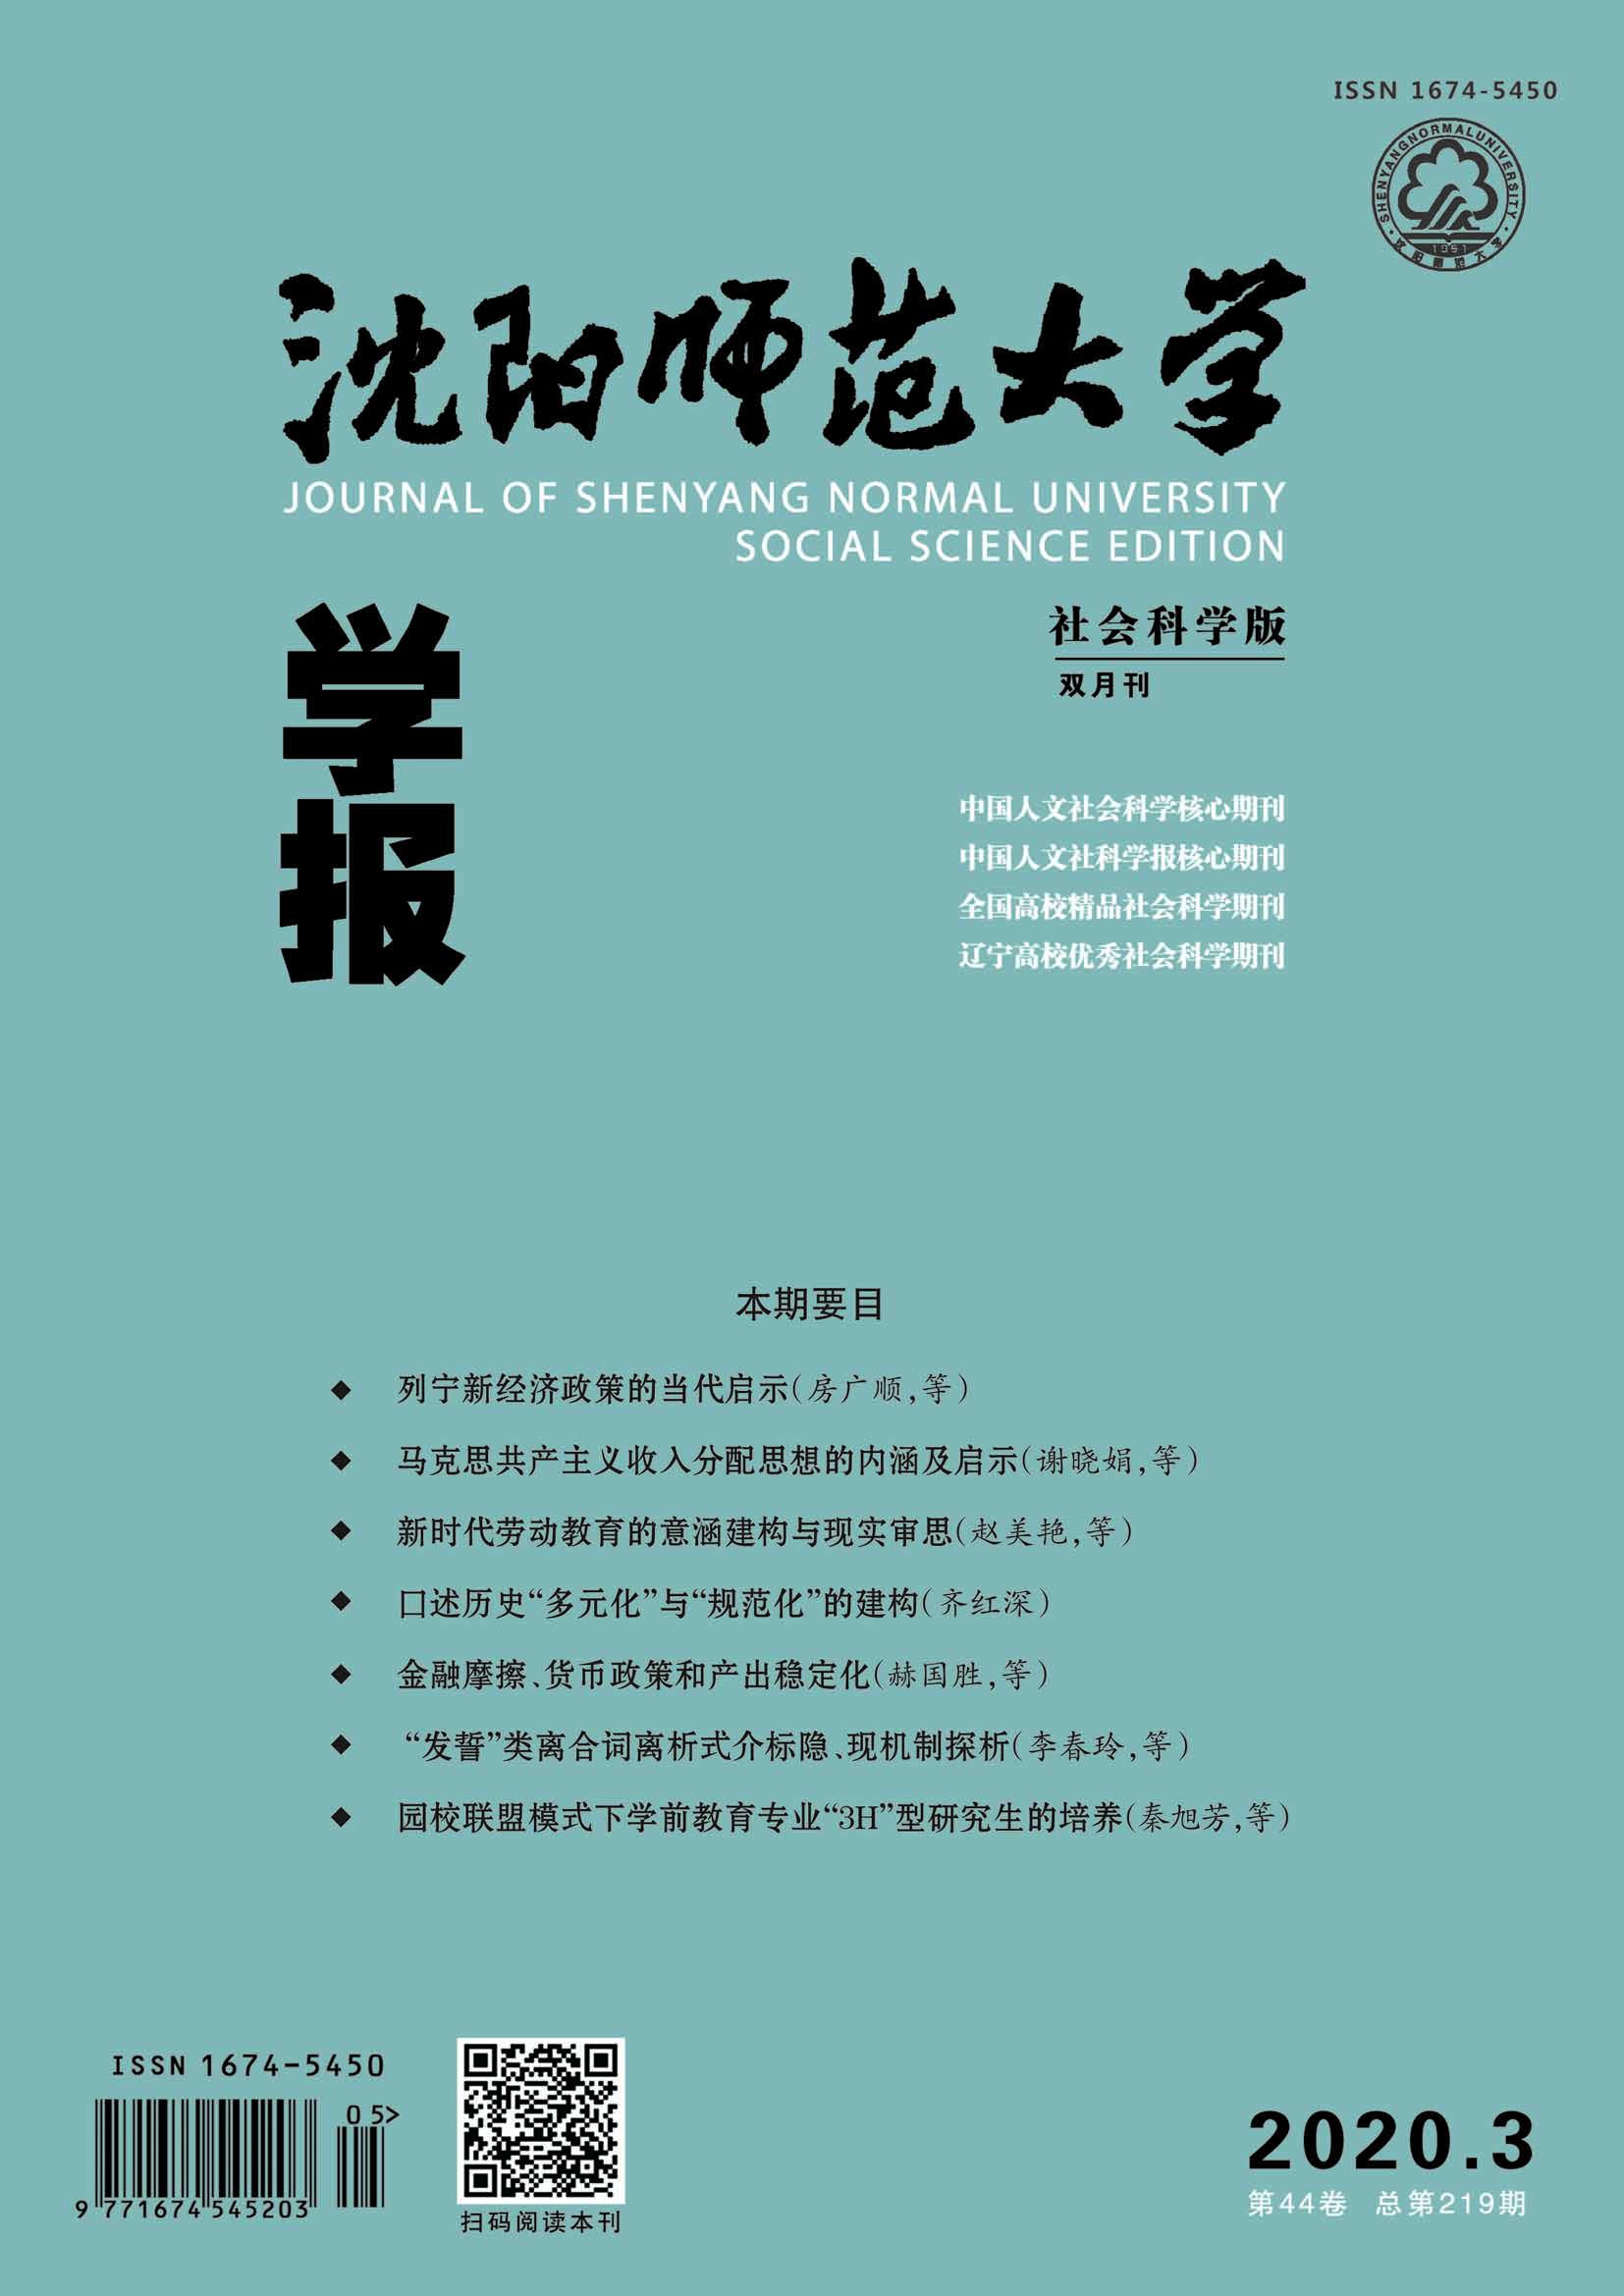 沈阳师范大学学报(社会科学版)